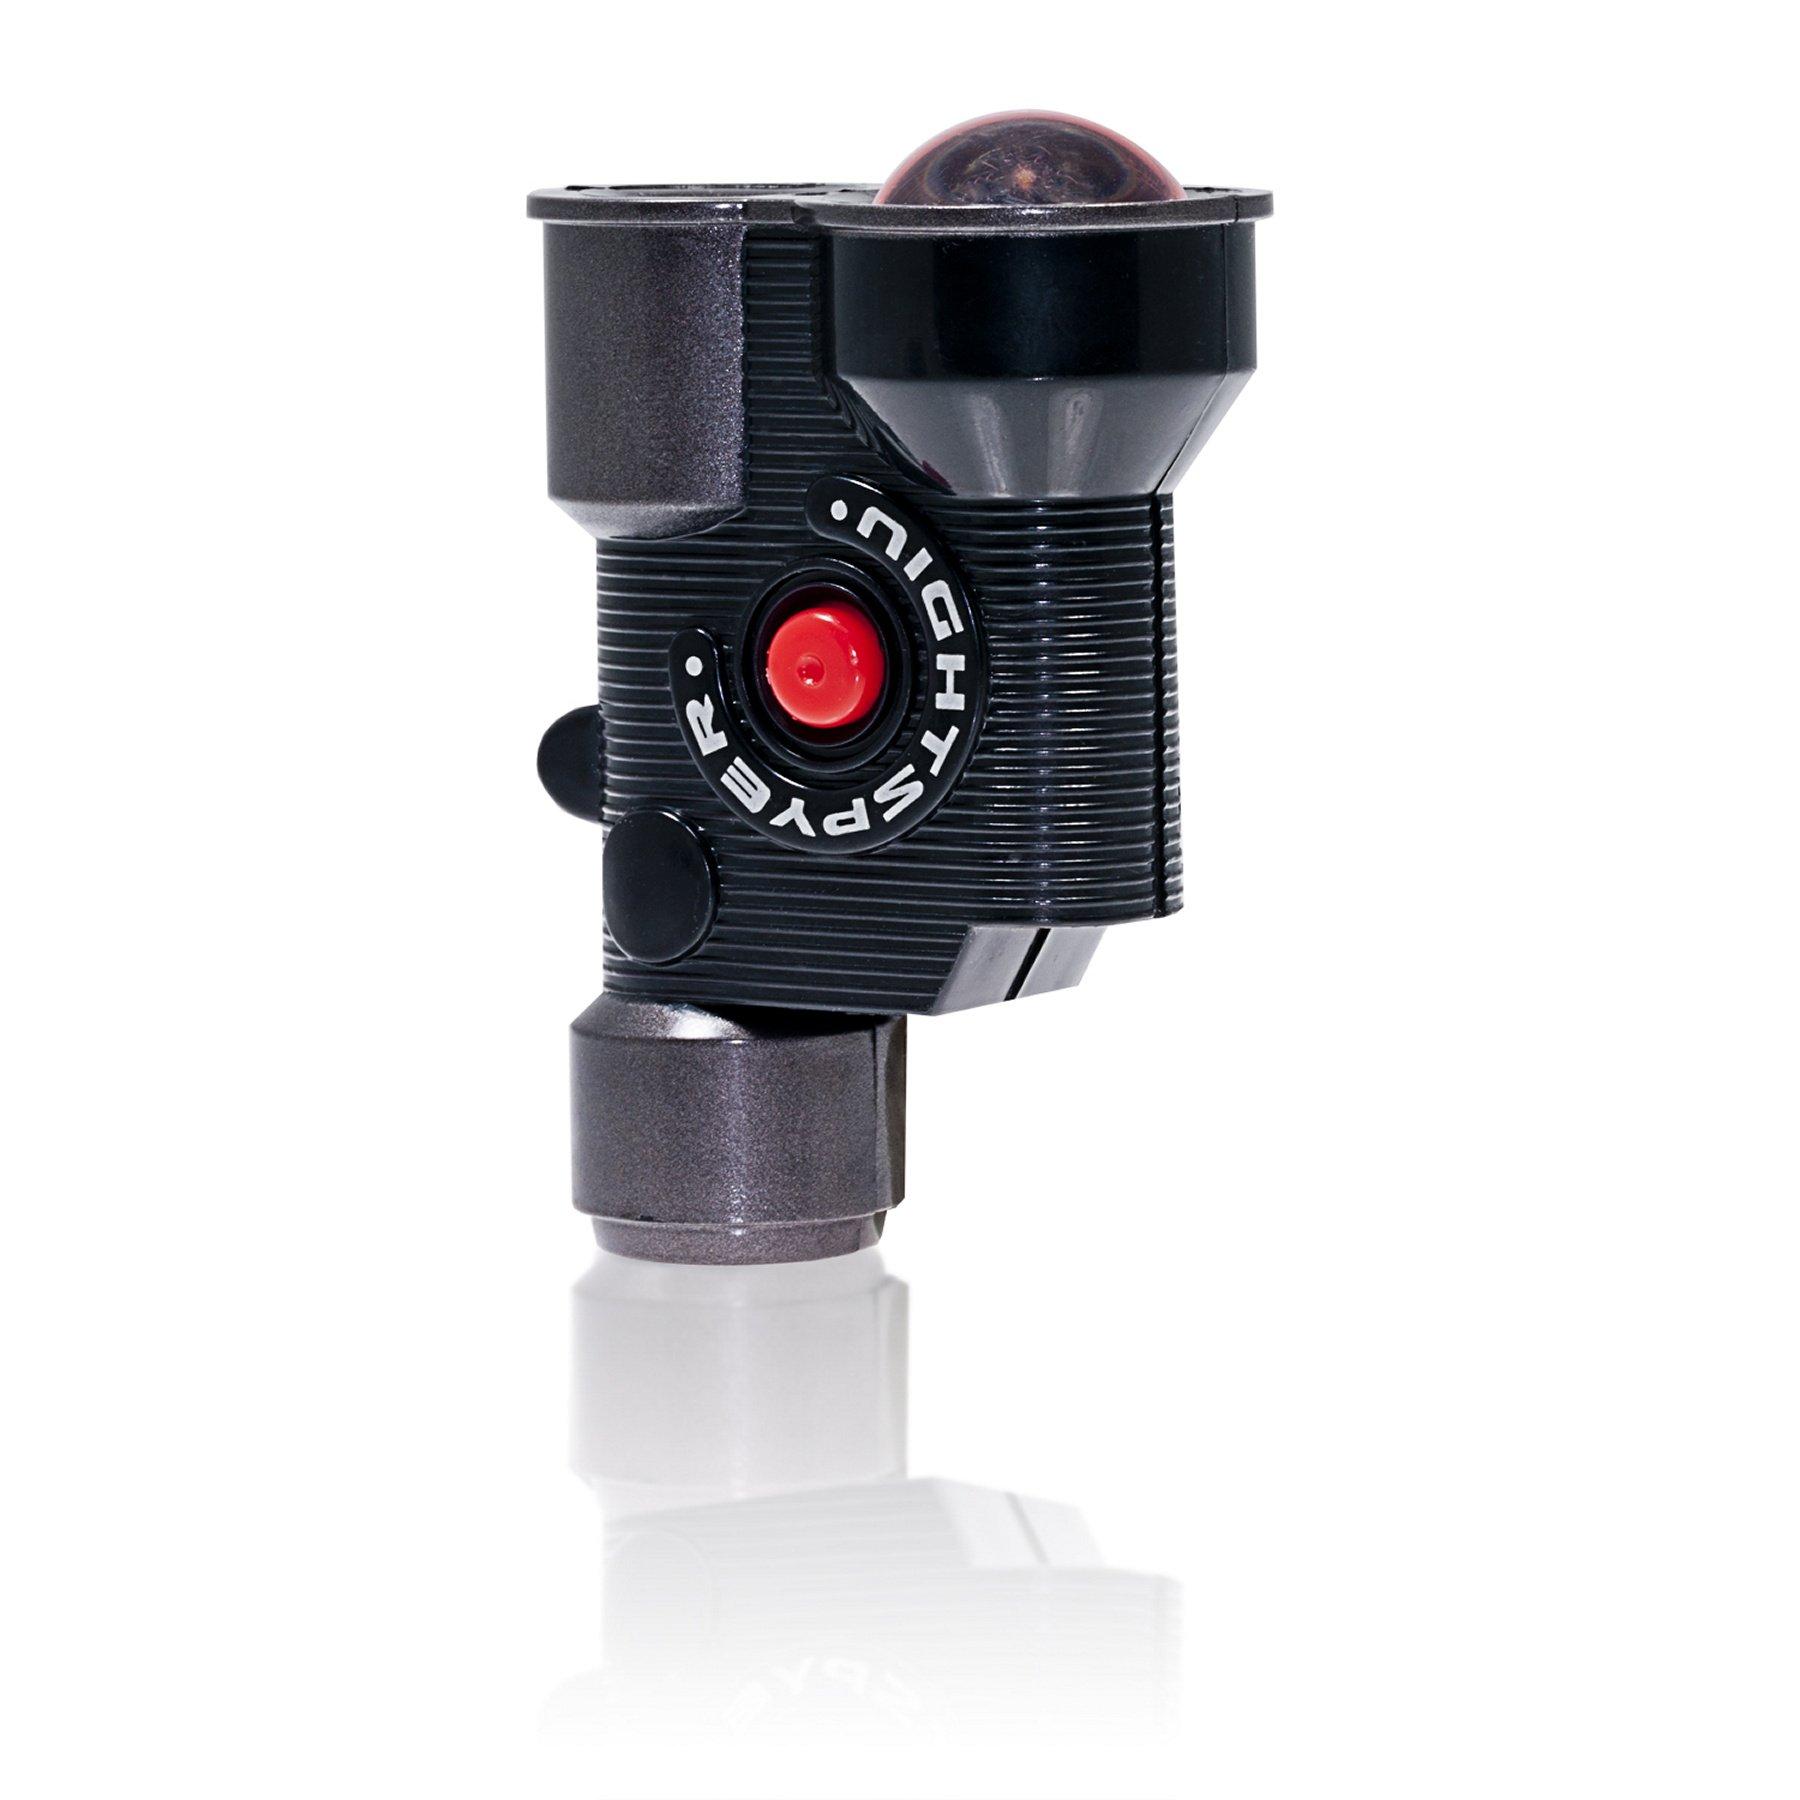 Spy Gear Micro Agent Night Spyer Toy